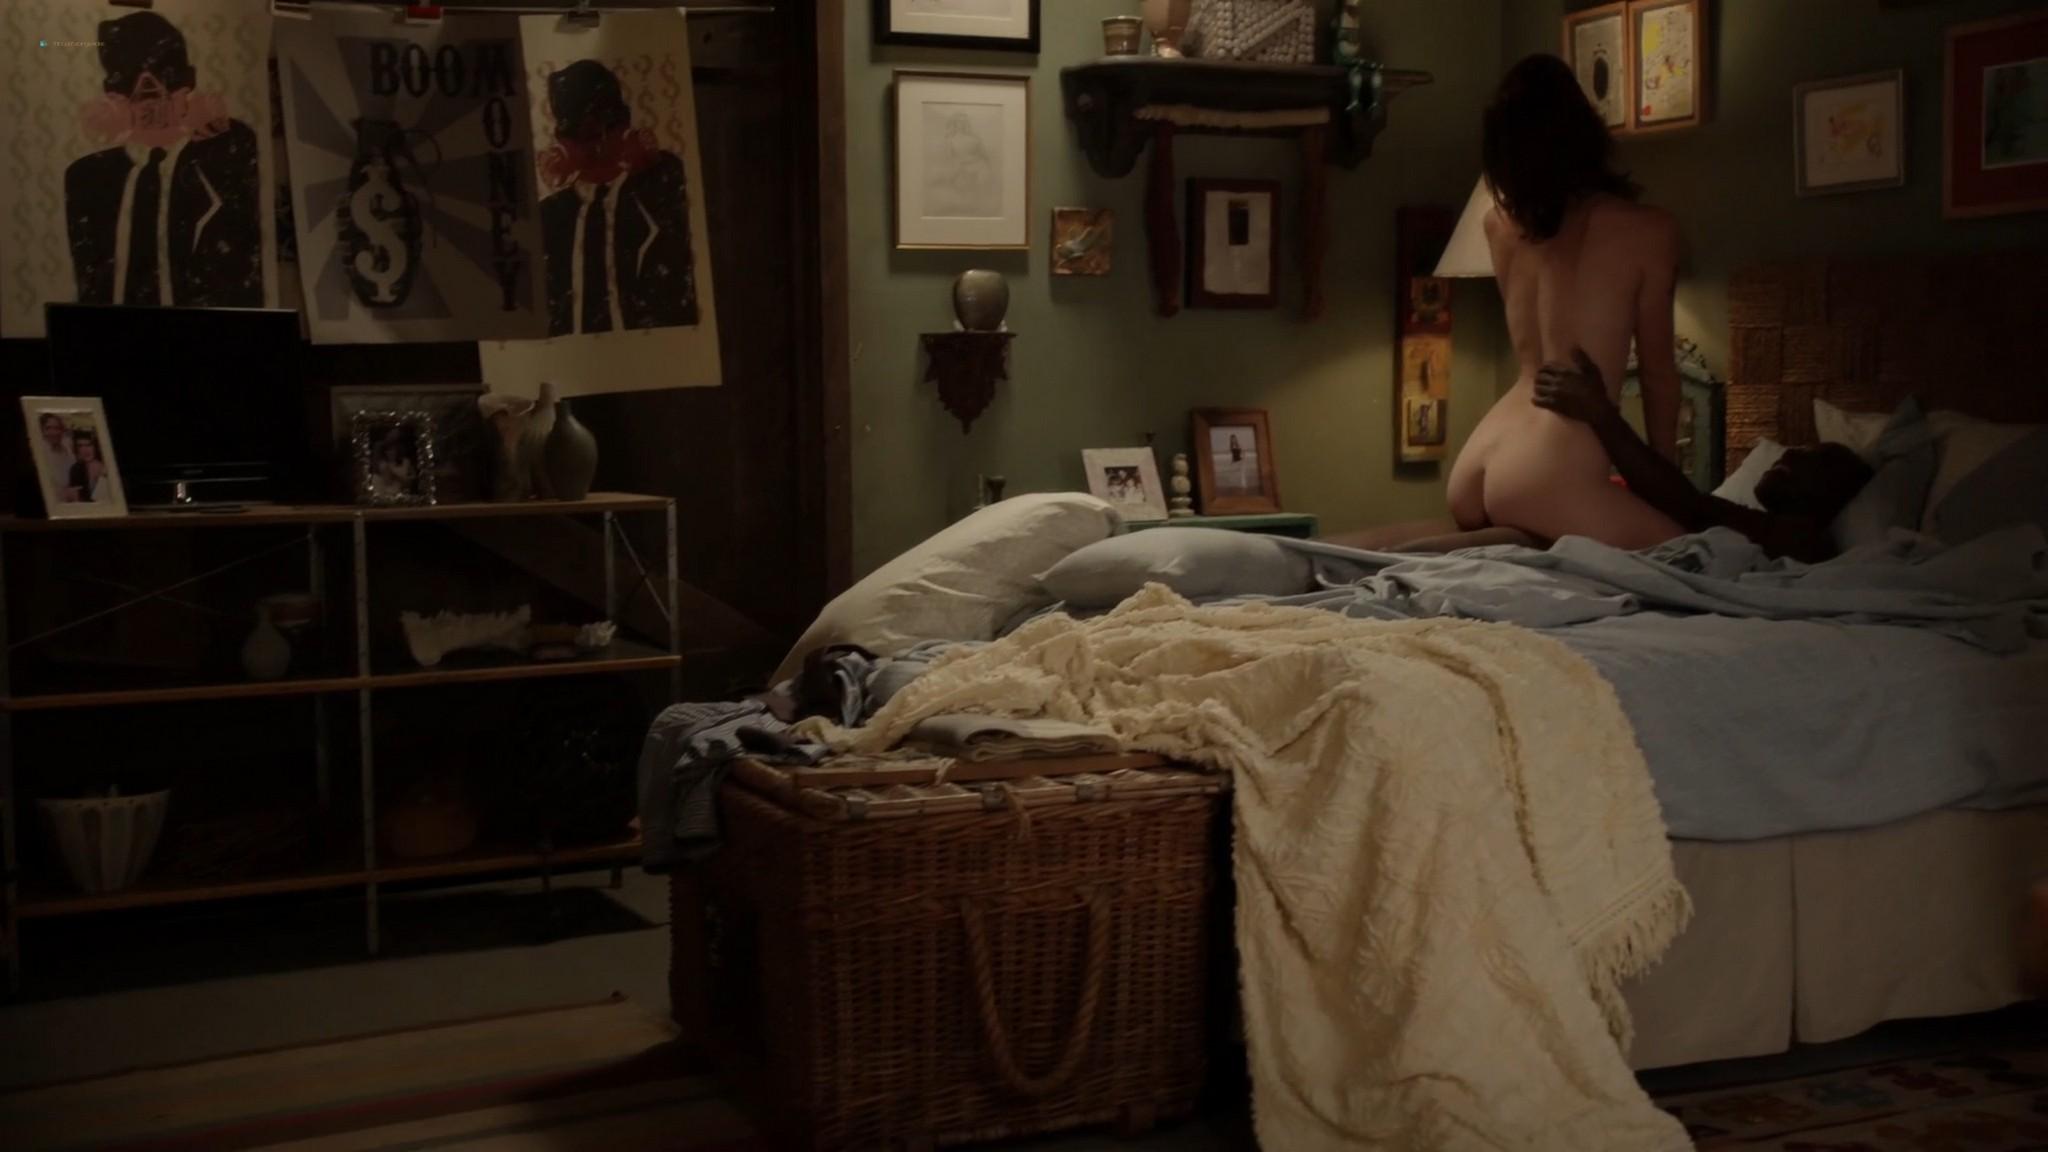 Anna Wood nude sex Kristen Bell hot House of Lies 2012 s1e8 12 1080p Web 9